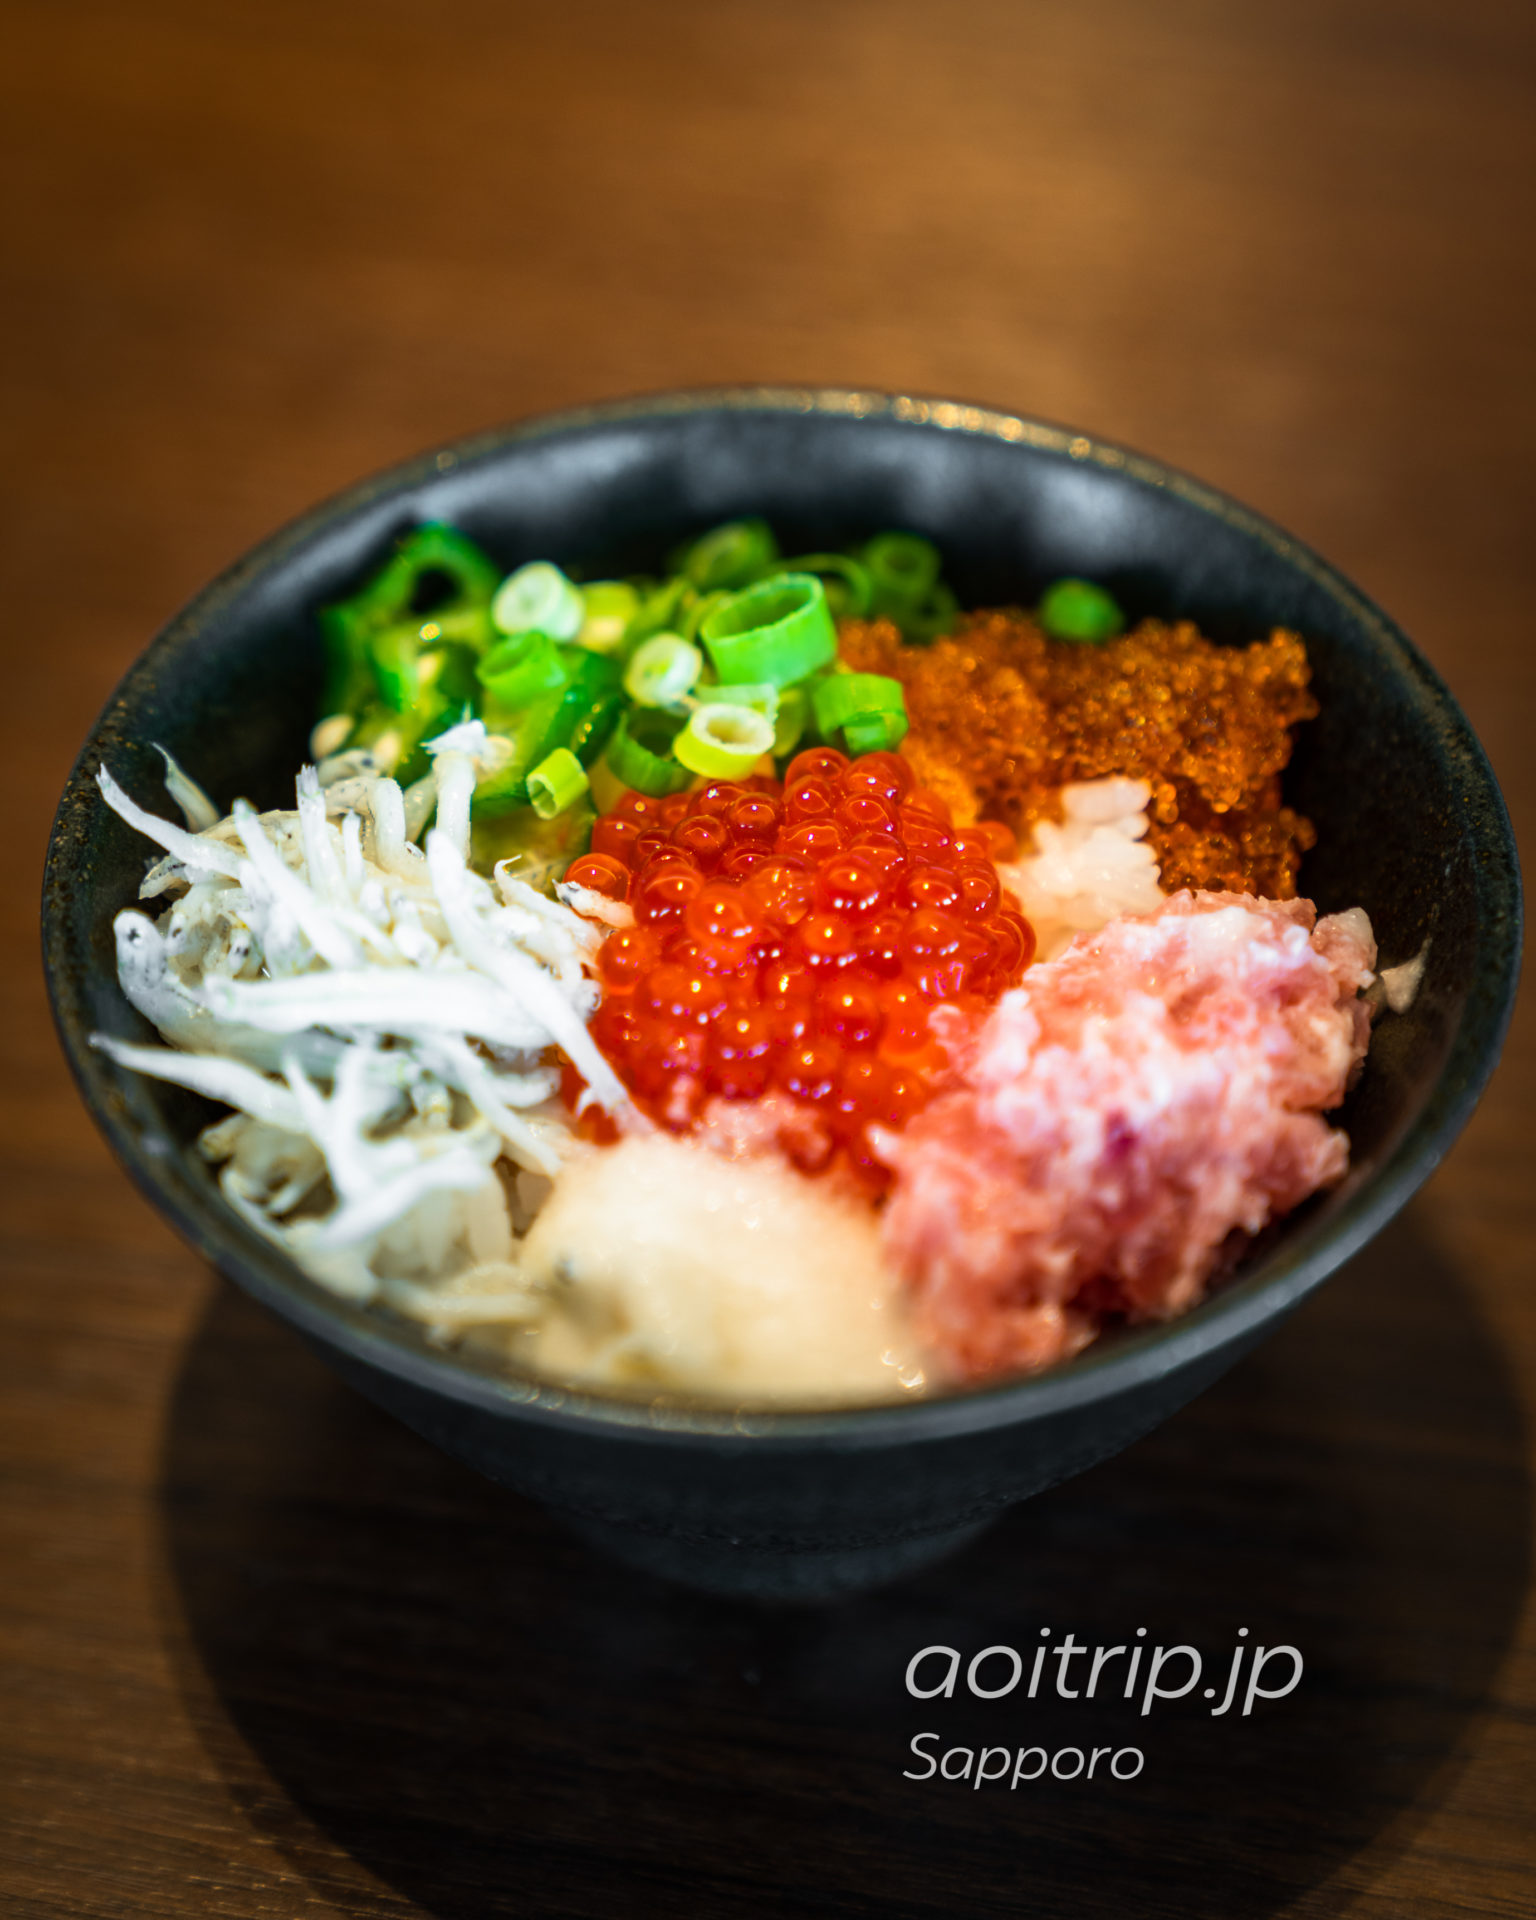 ホテルエミシア札幌の朝食 海鮮丼